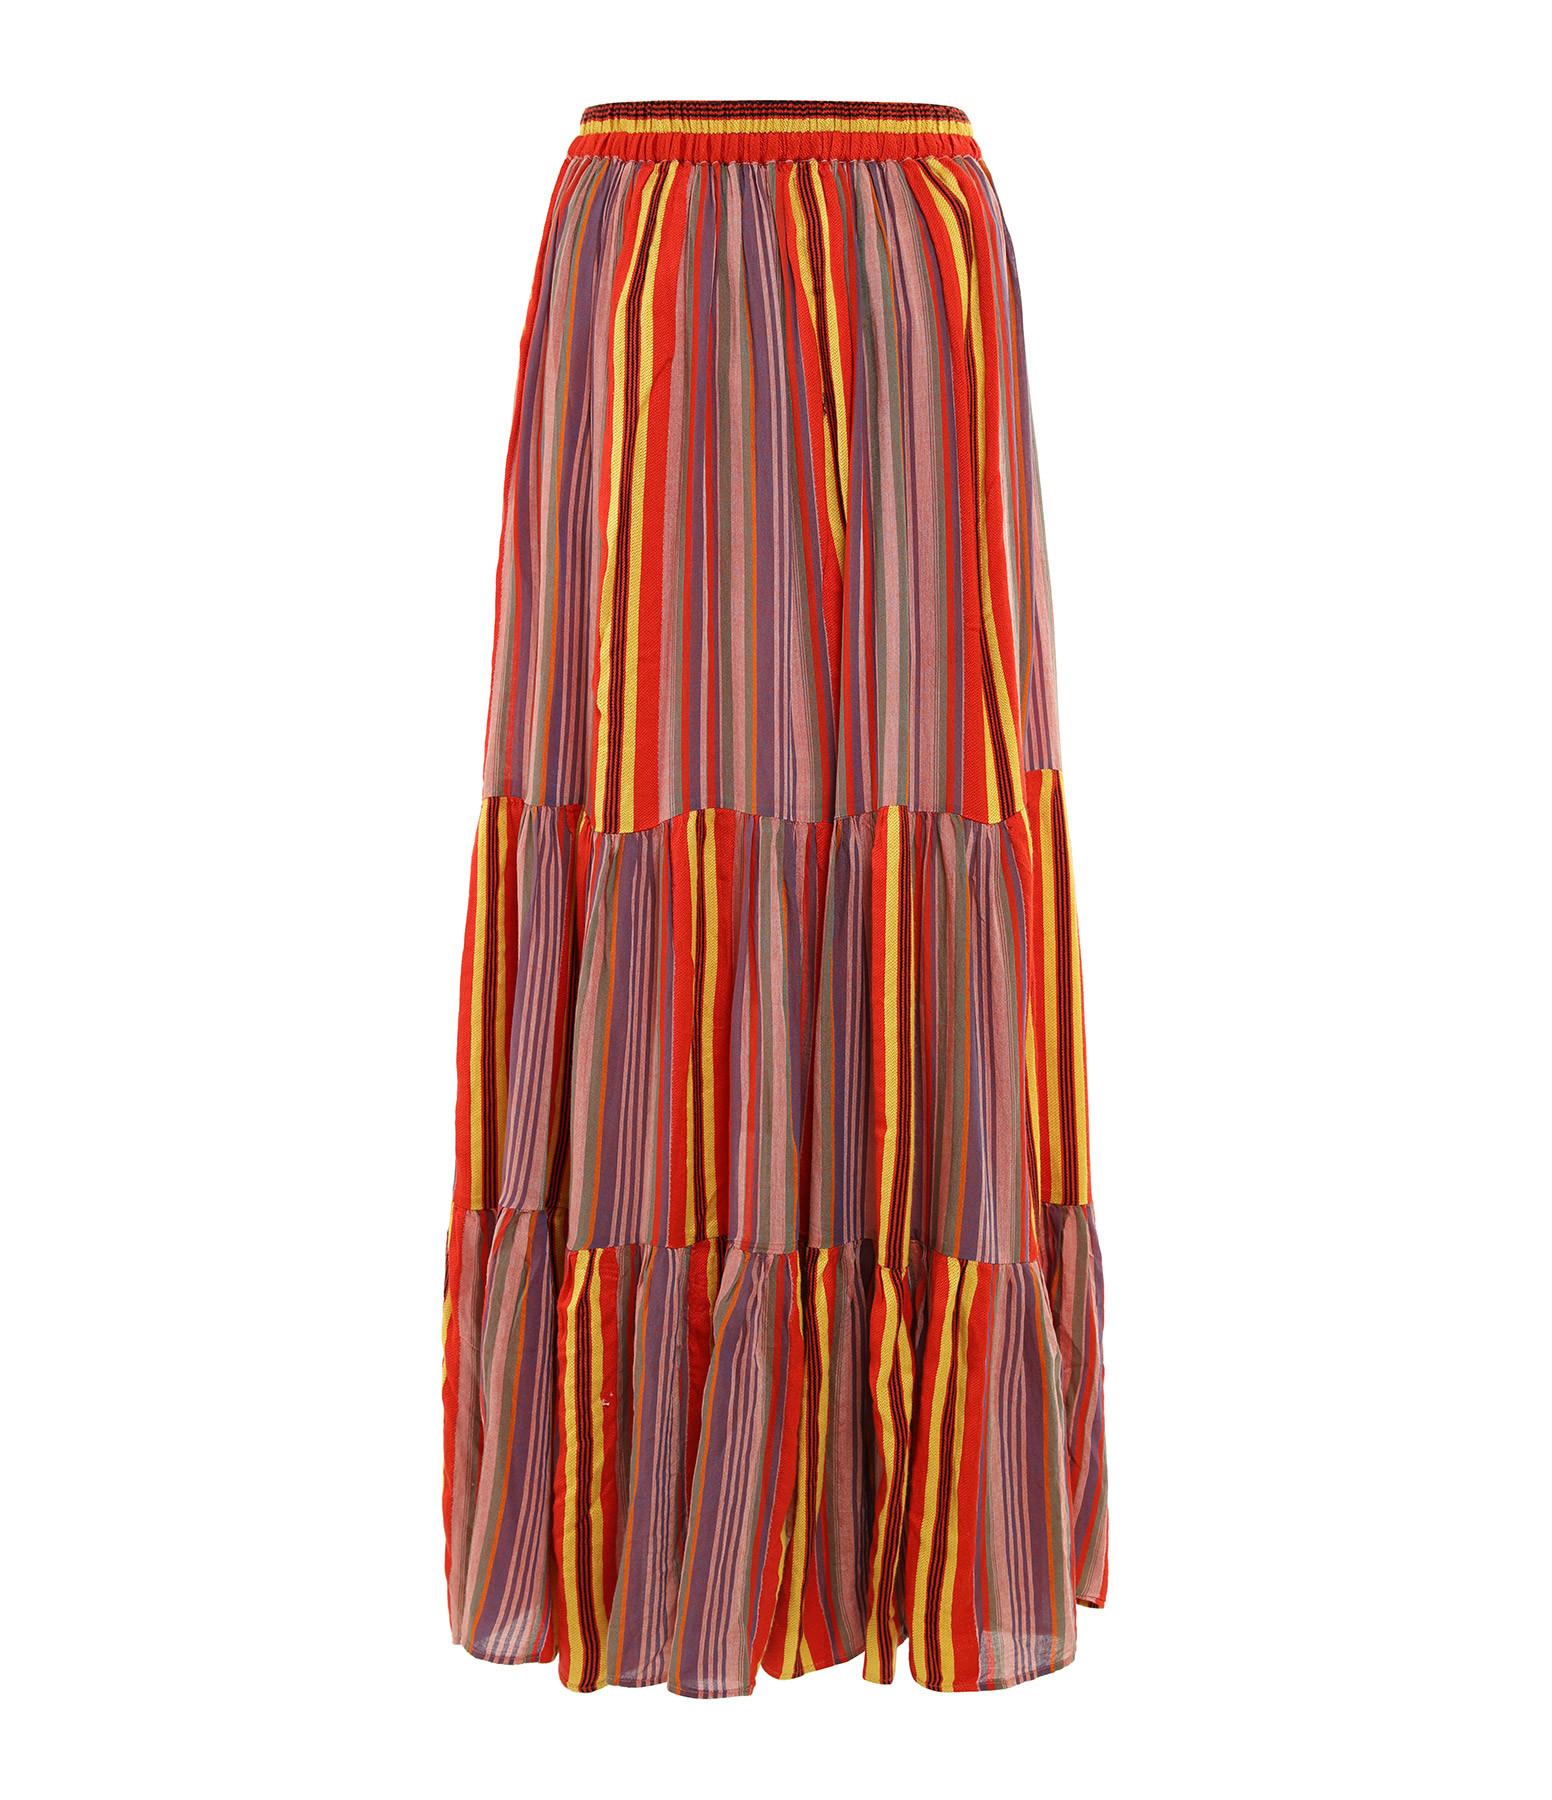 VANESSA BRUNO - Robe Neis Multicolore